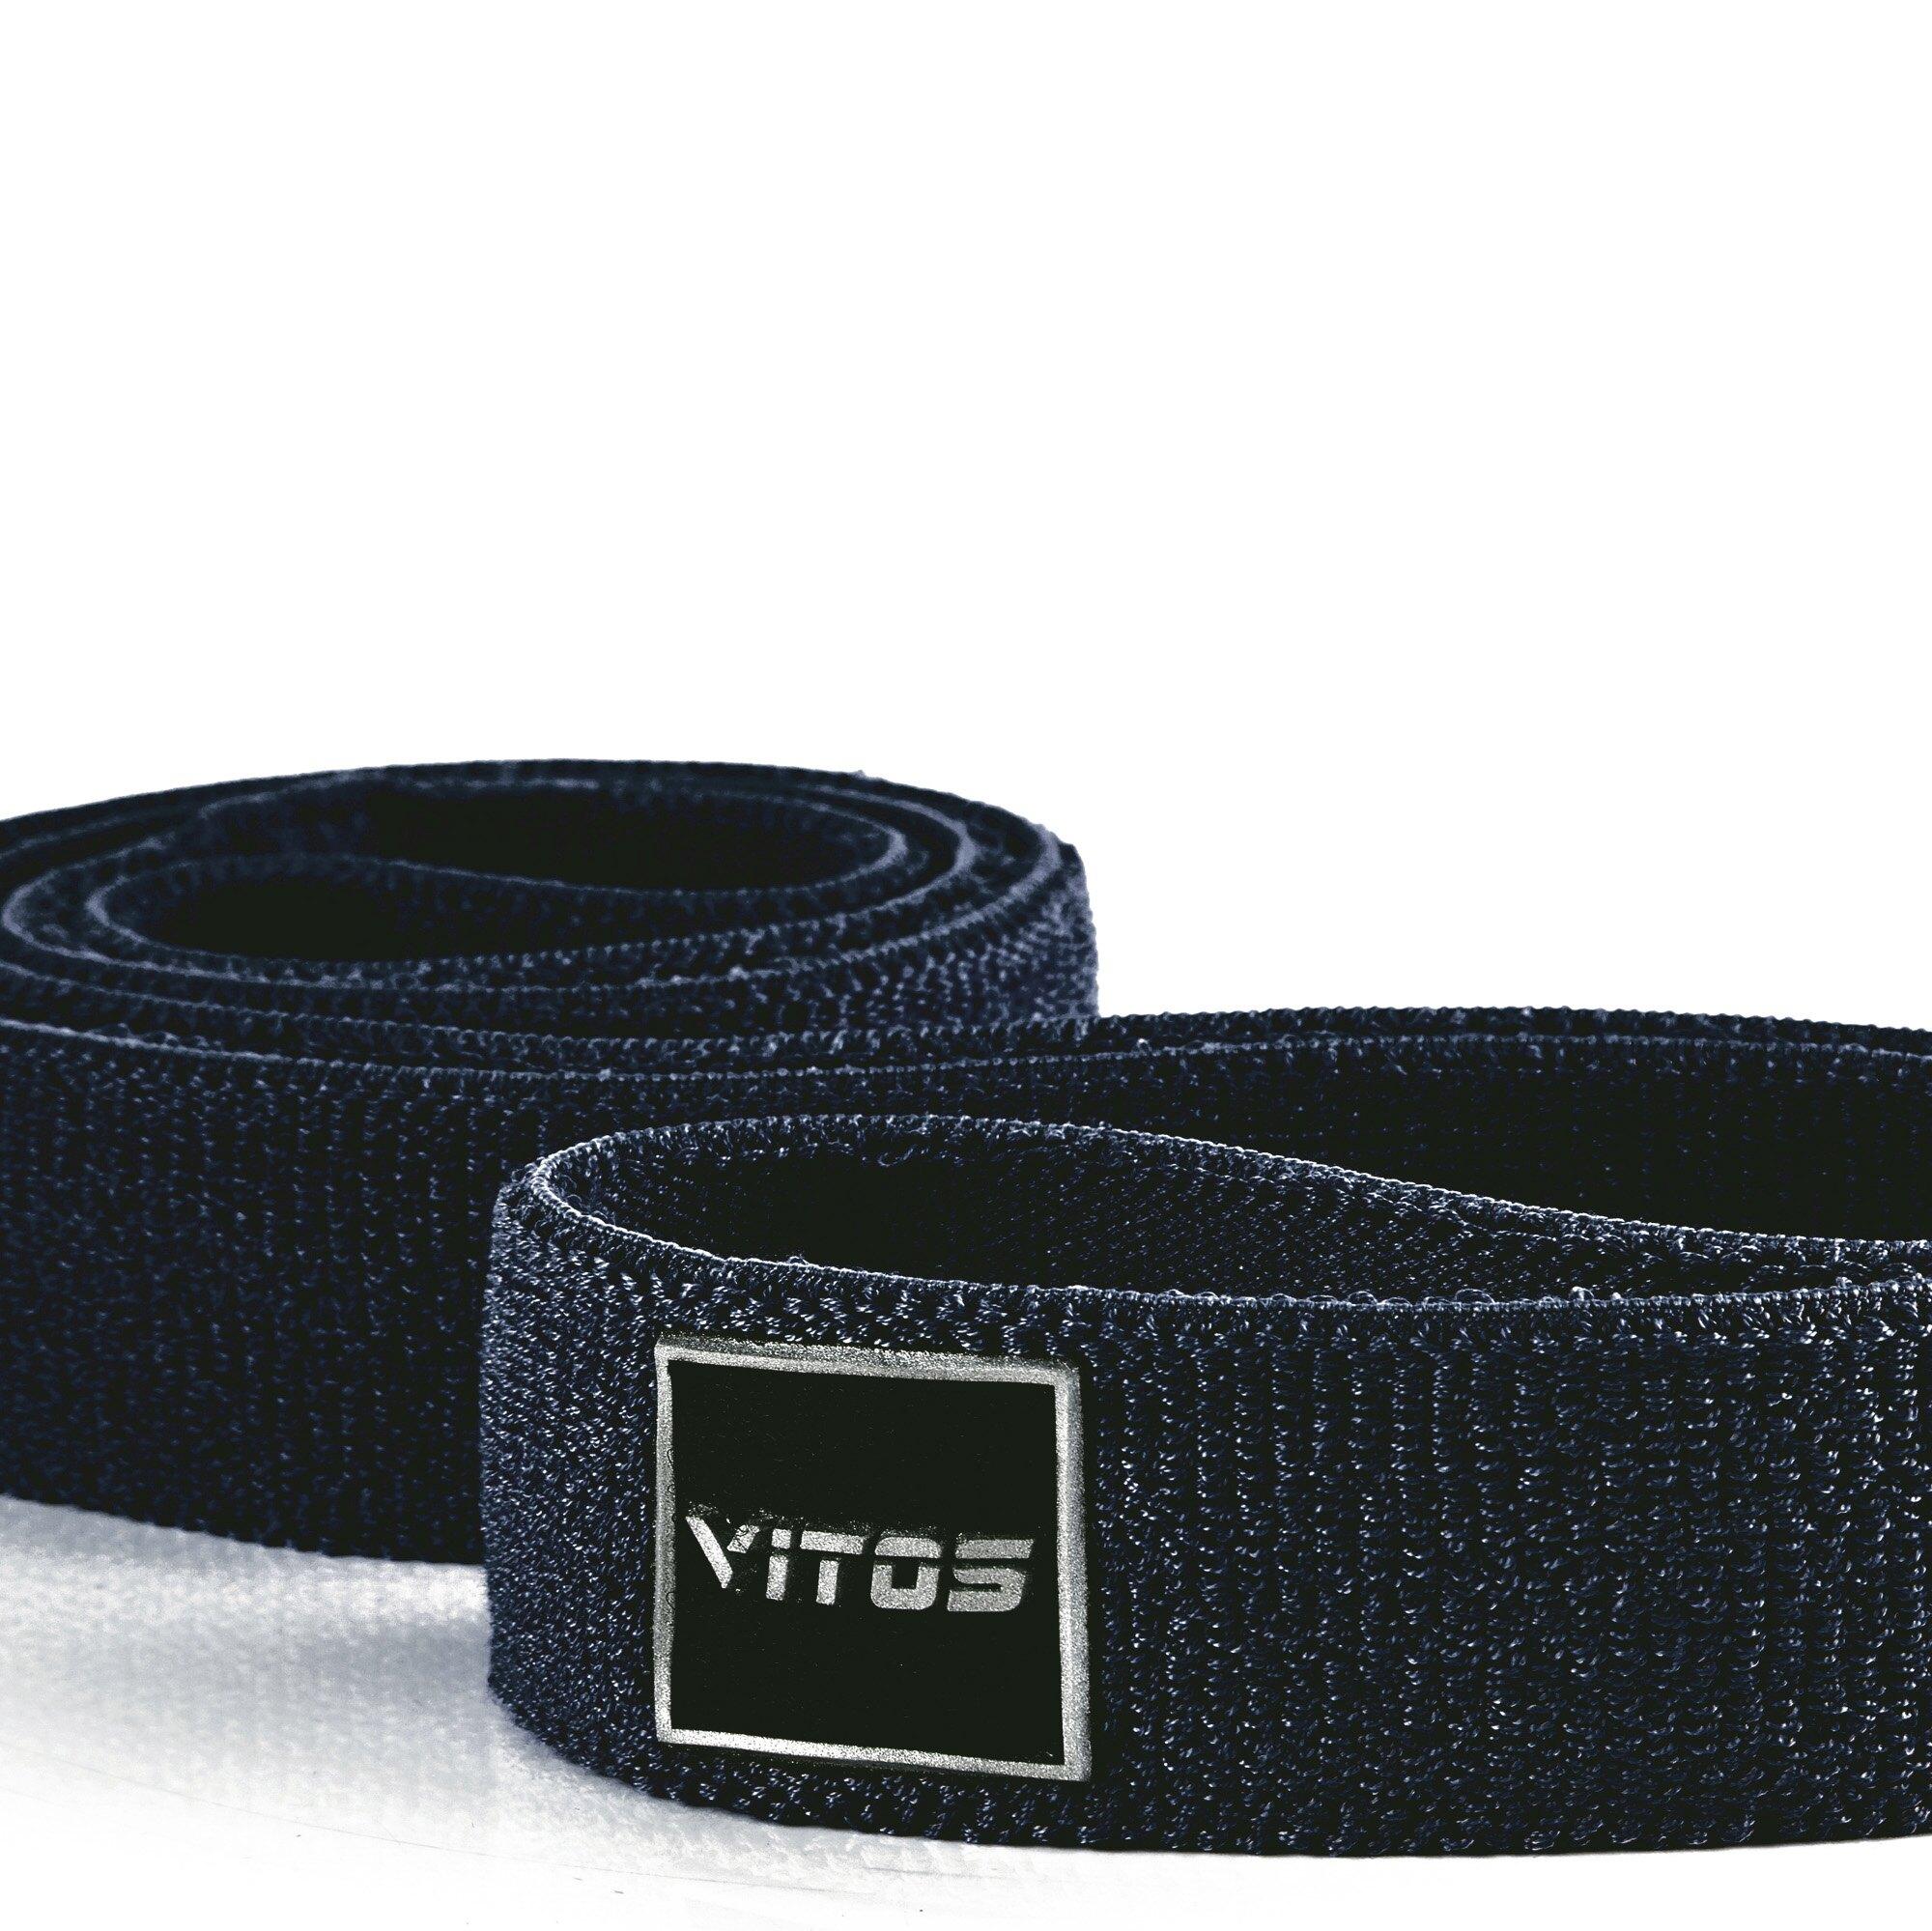 Vitos VPOWER阻力帶 國際級阻力帶 長阻力帶 阻力圈 多功能彈力帶 訓練帶 拉力 阻力帶